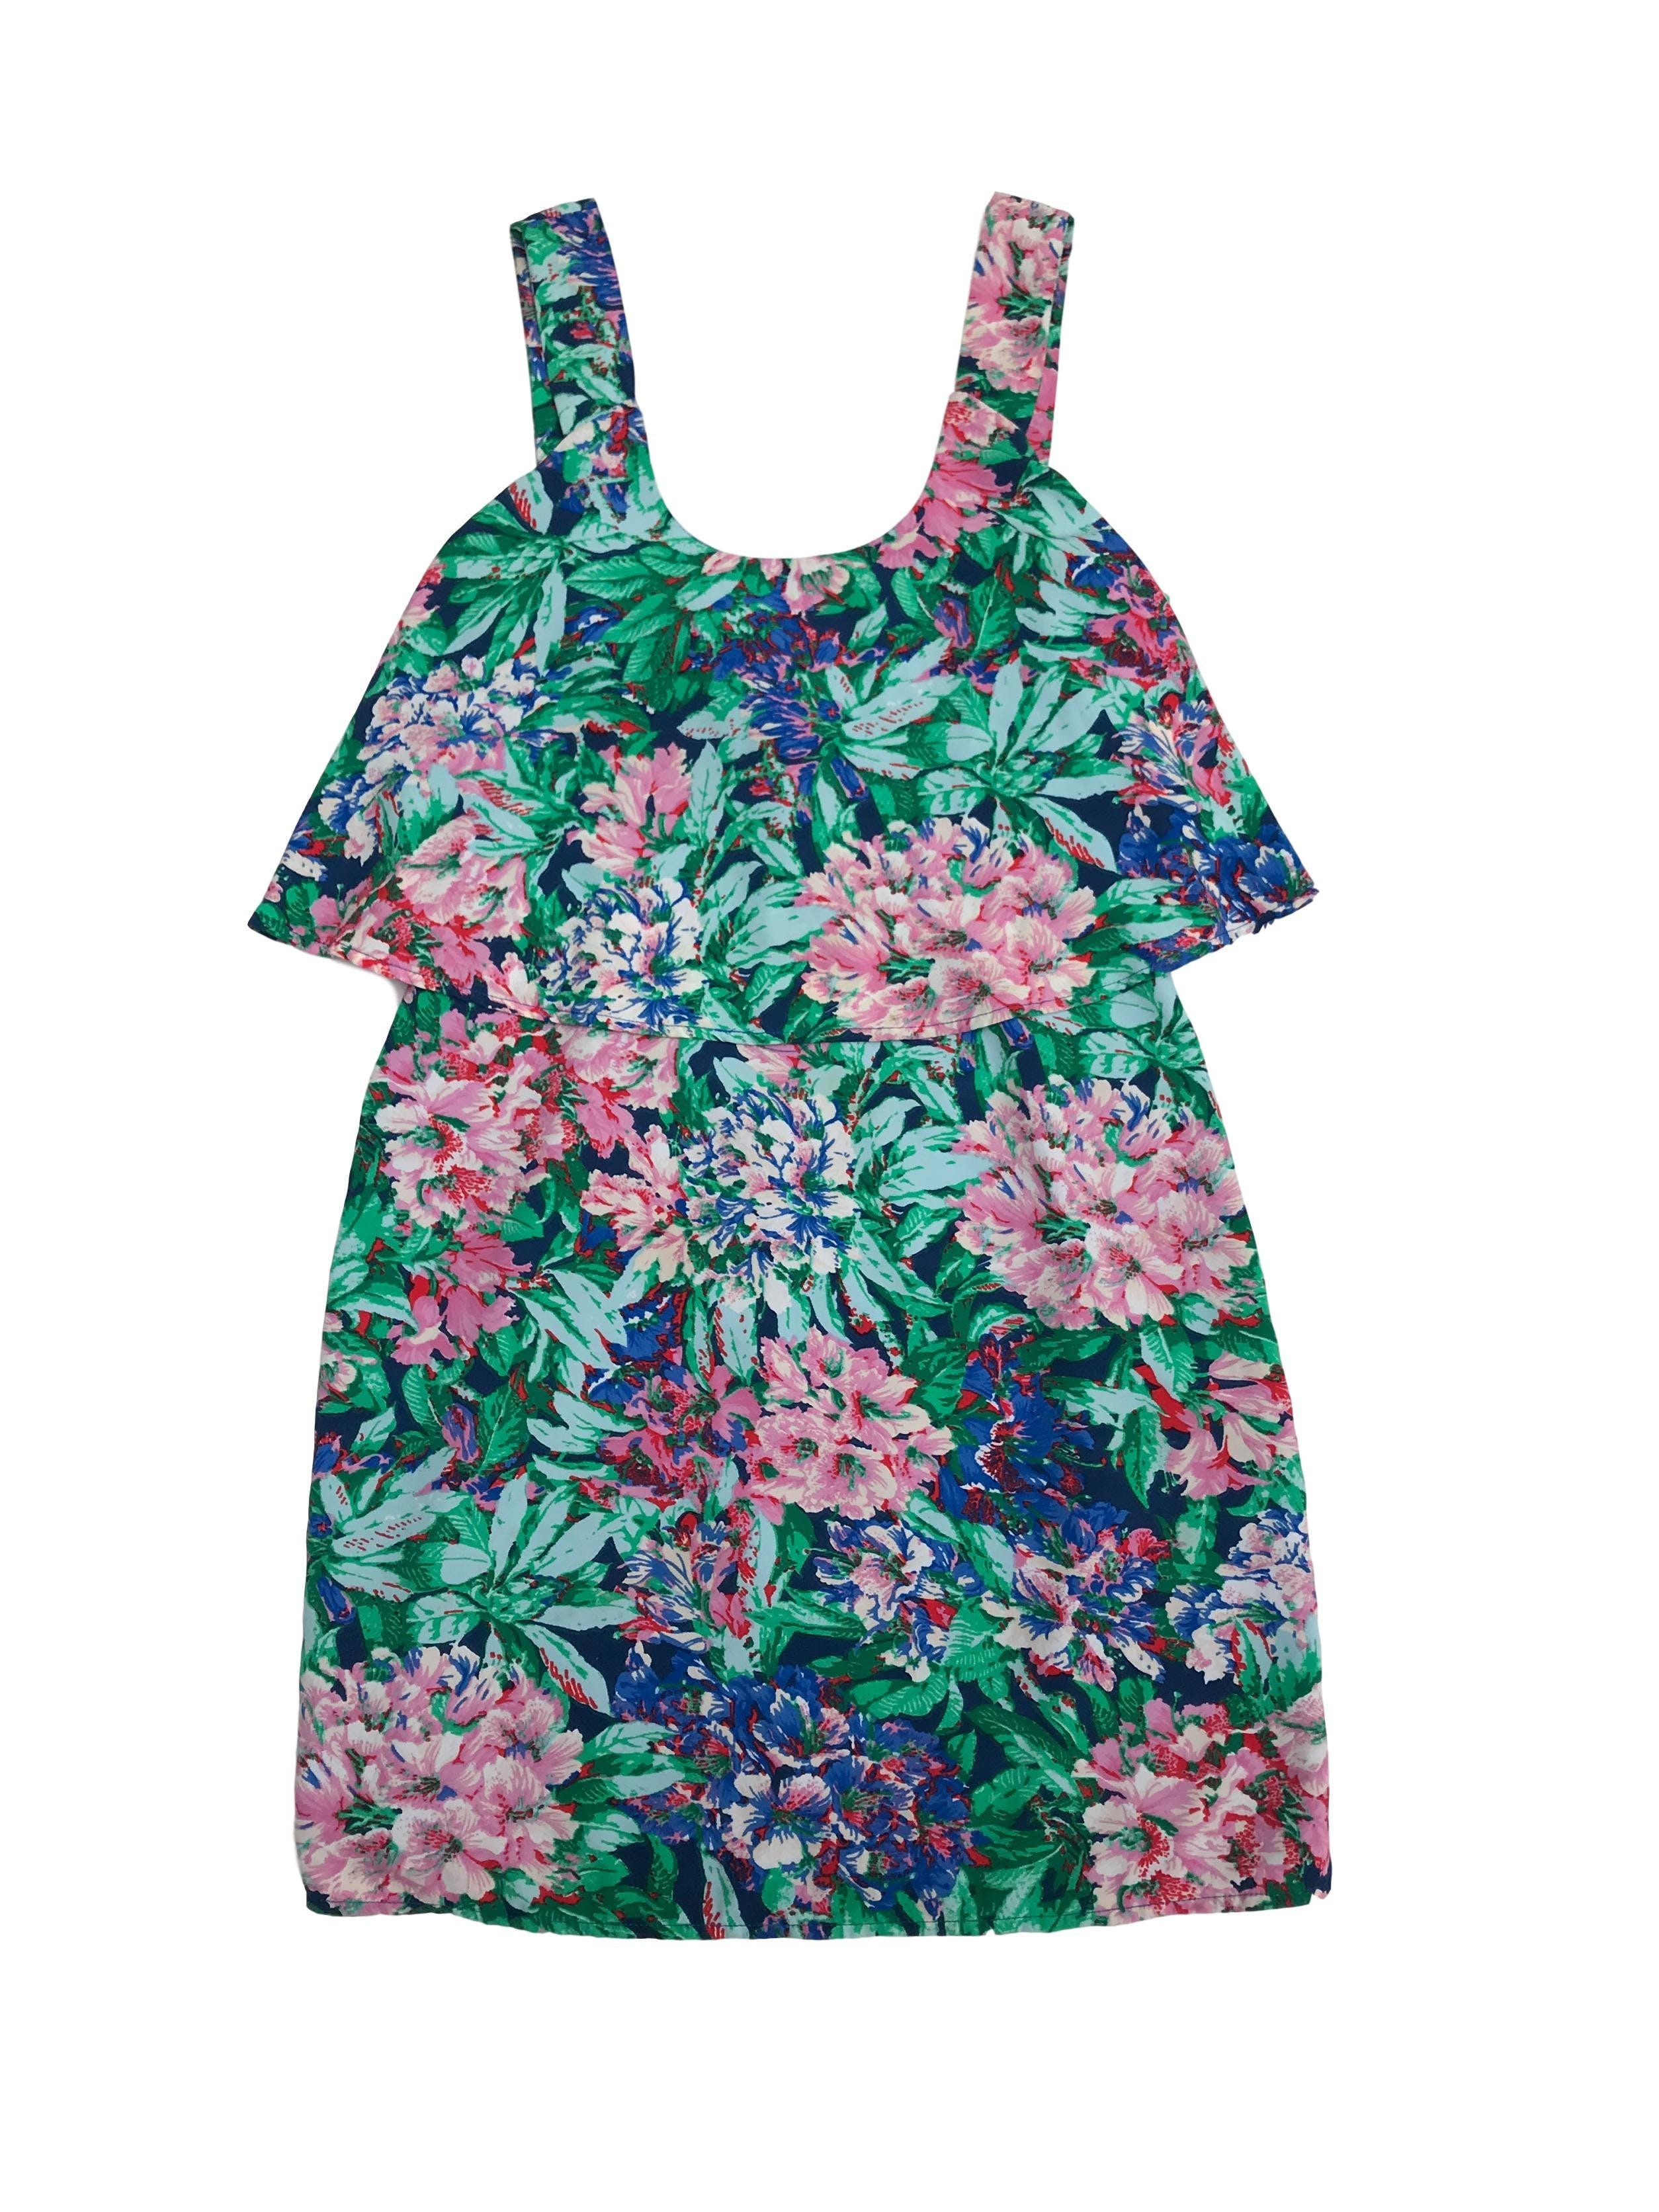 Vestido Marquis de gasa floreada en tonos azules, verde y rosas, forrado, tiras gruesas, volante en el top y cierre en la espalda. Largo 88cm